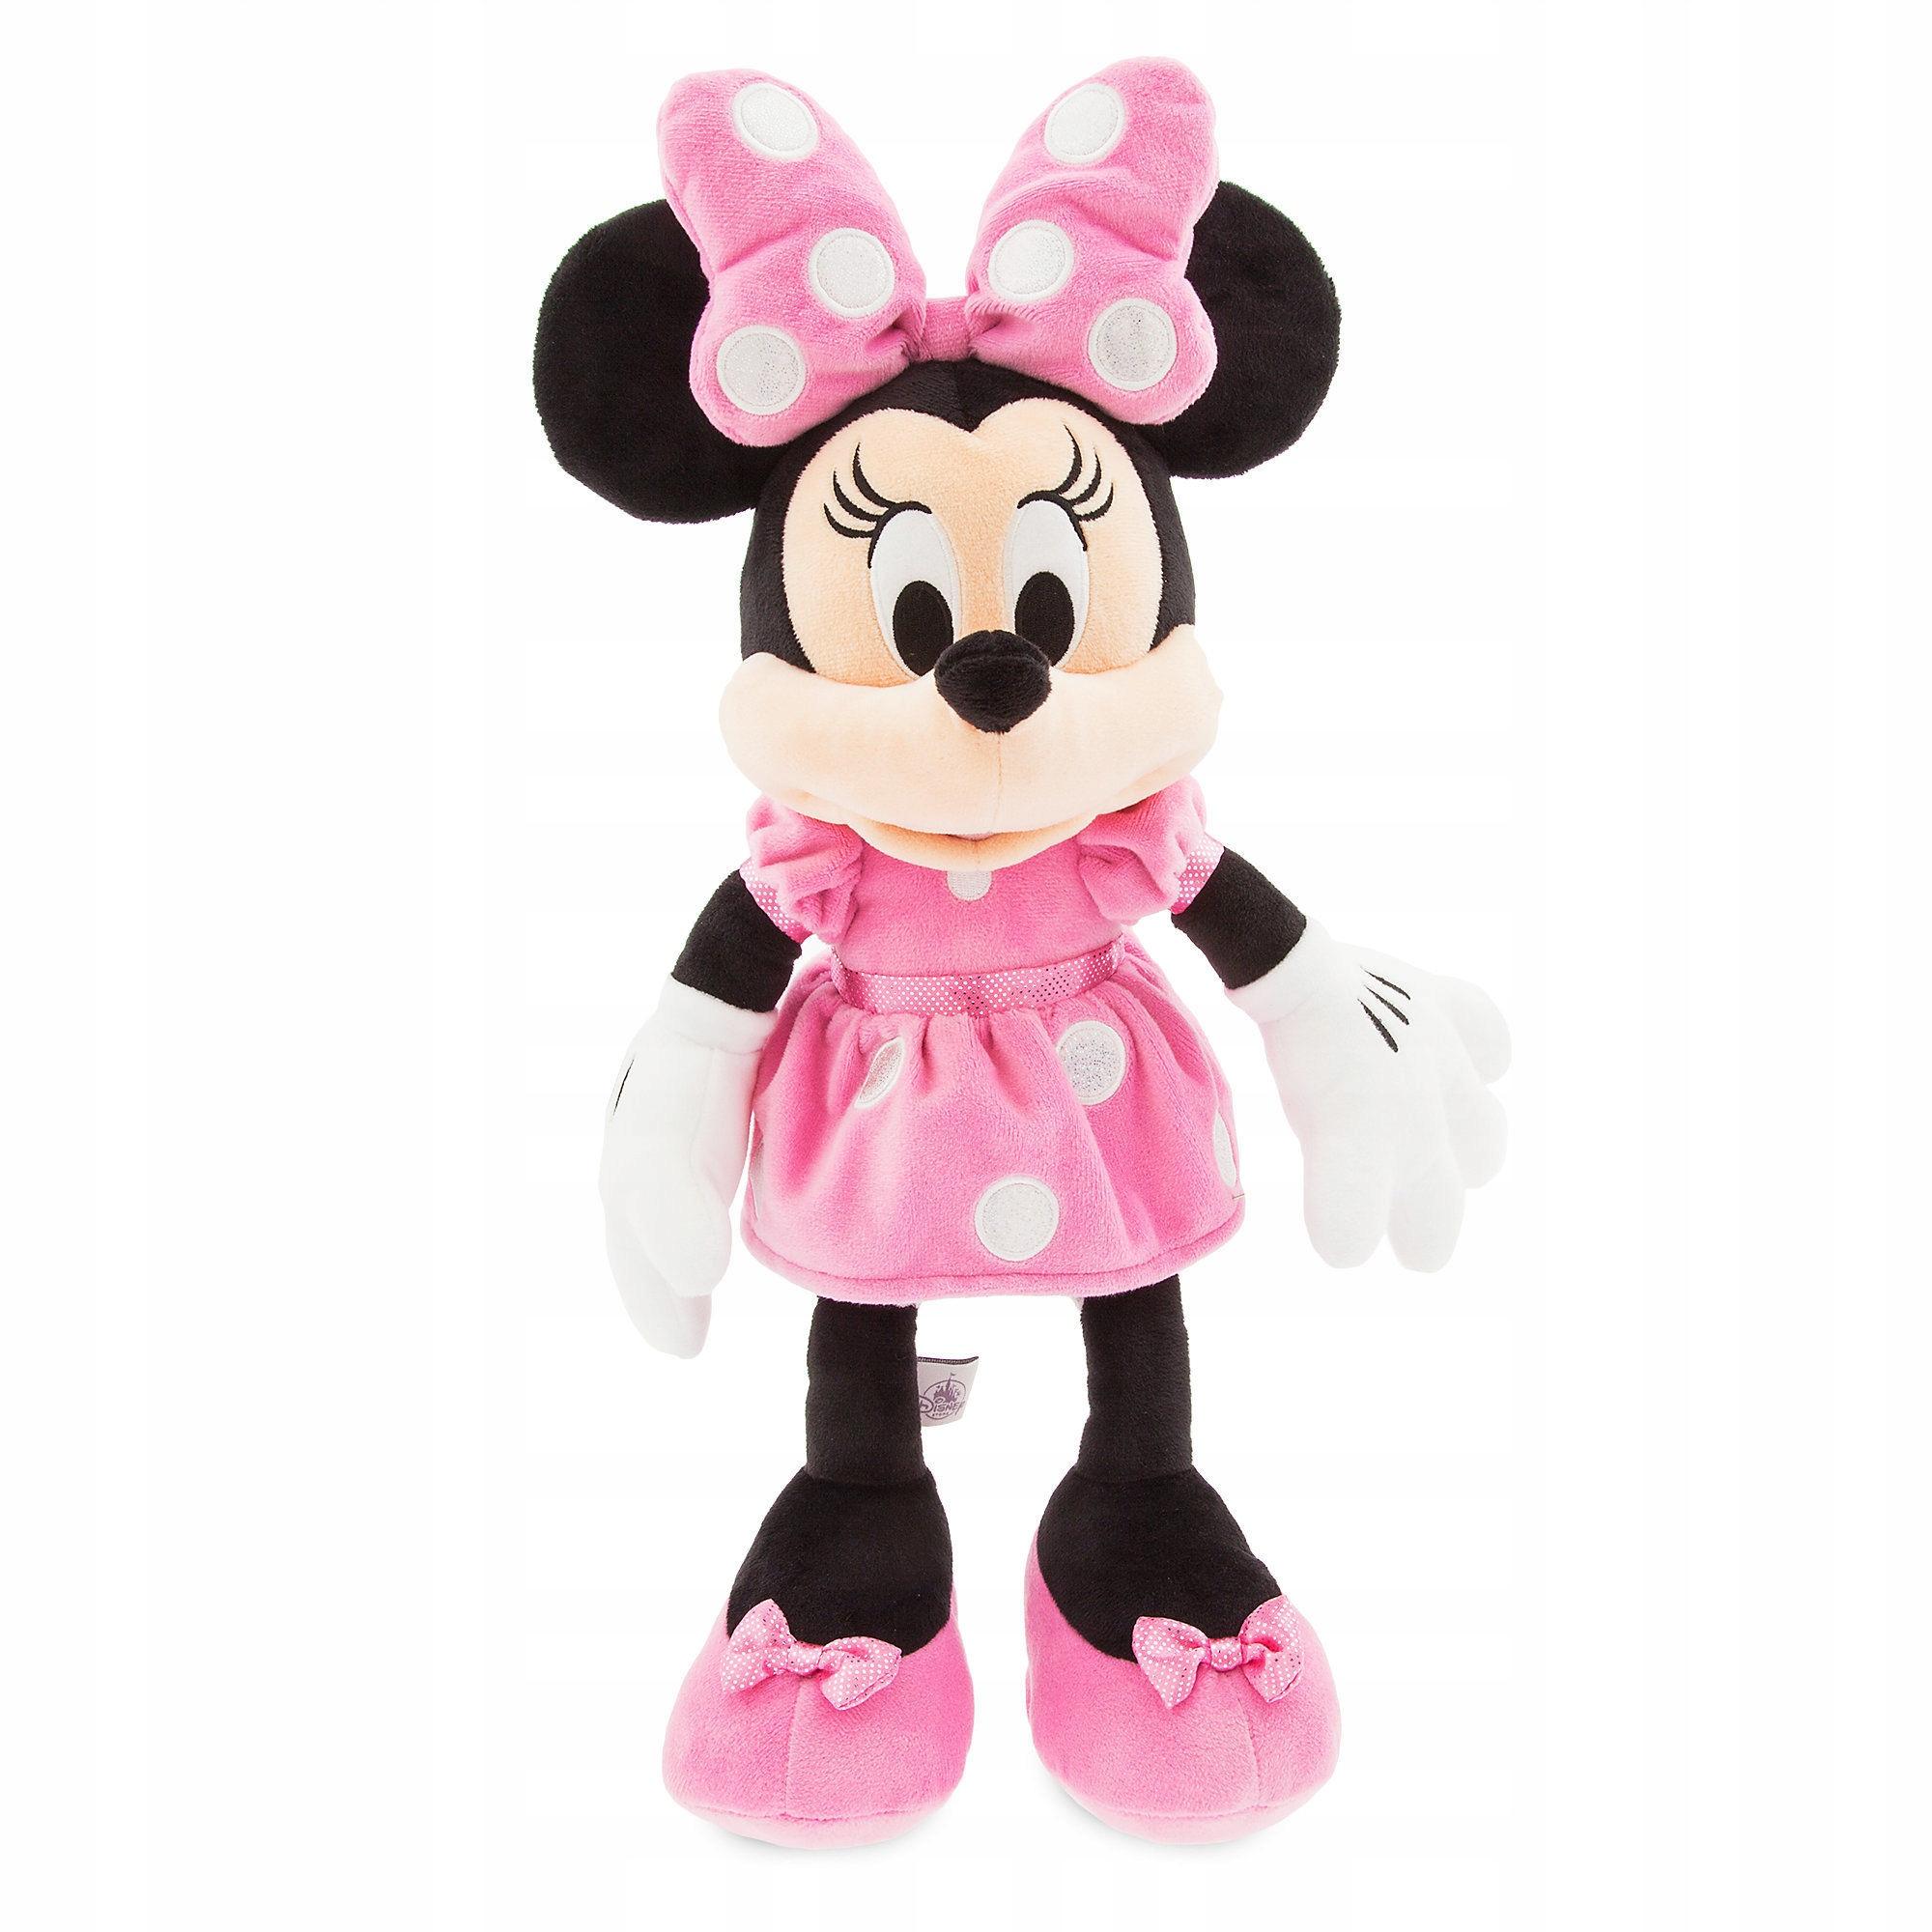 Plyšová hračka Minnie Mouse 48cm originálna 2020 Disney24H